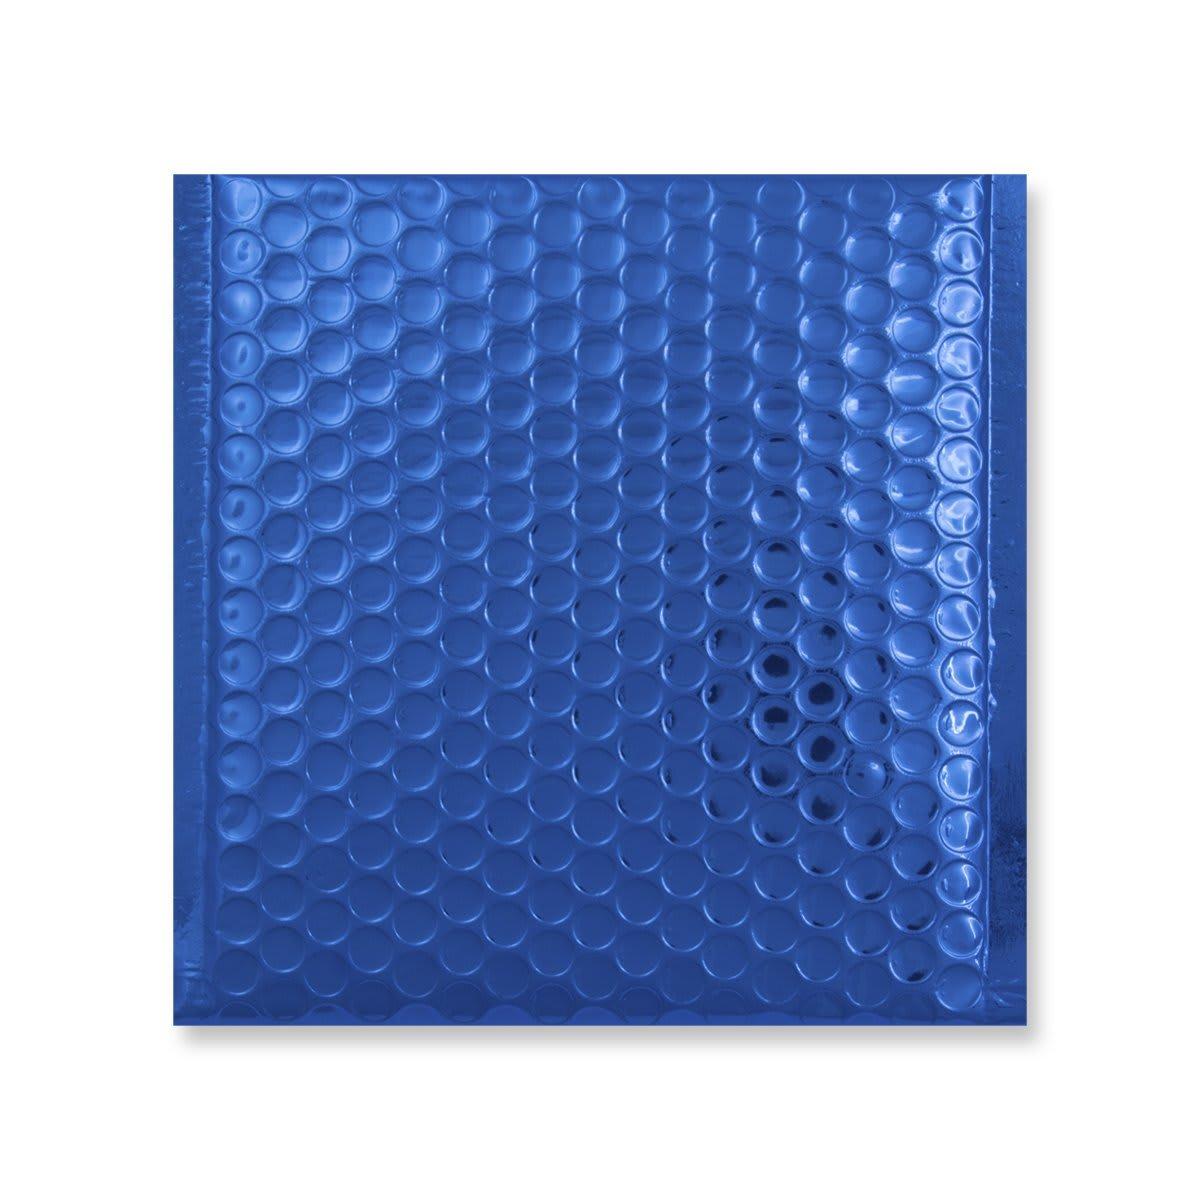 165MM SQUARE GLOSS METALLIC BLUE PADDED ENVELOPES